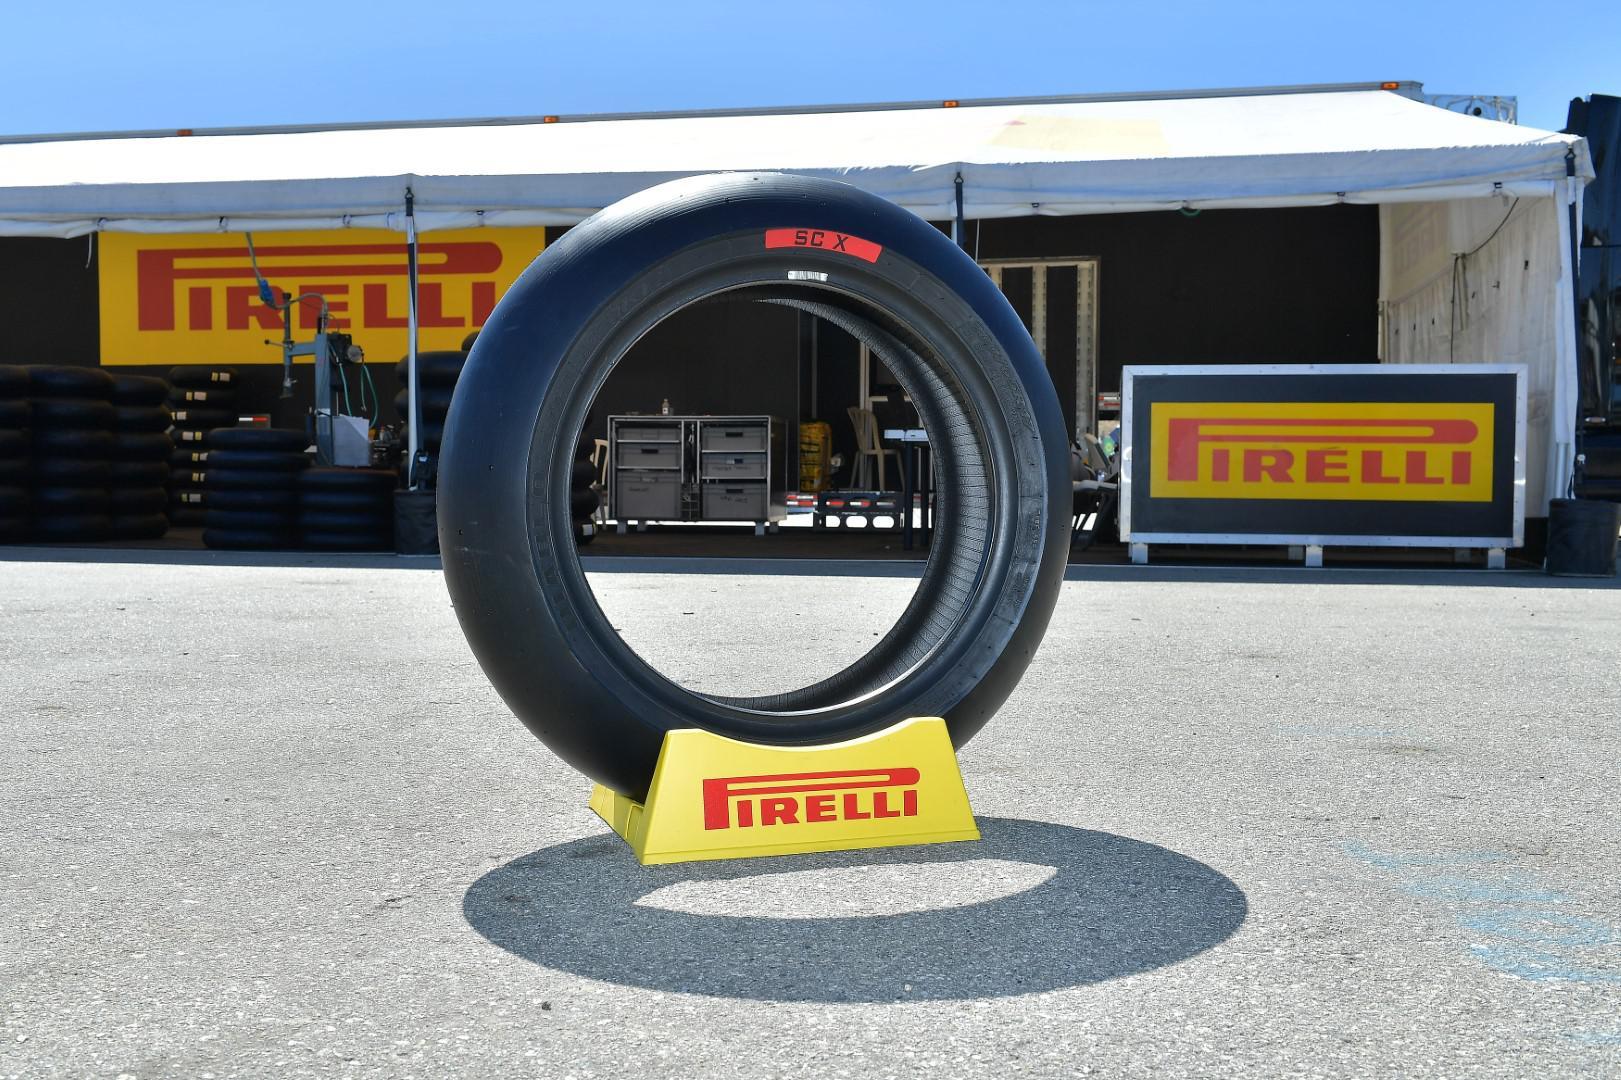 pirelli-fournisseur-officiel-pour-toutes-les-categories-du-championnat-du-monde-fim-superbike-jusqu-en-2023-1142-4.jpg